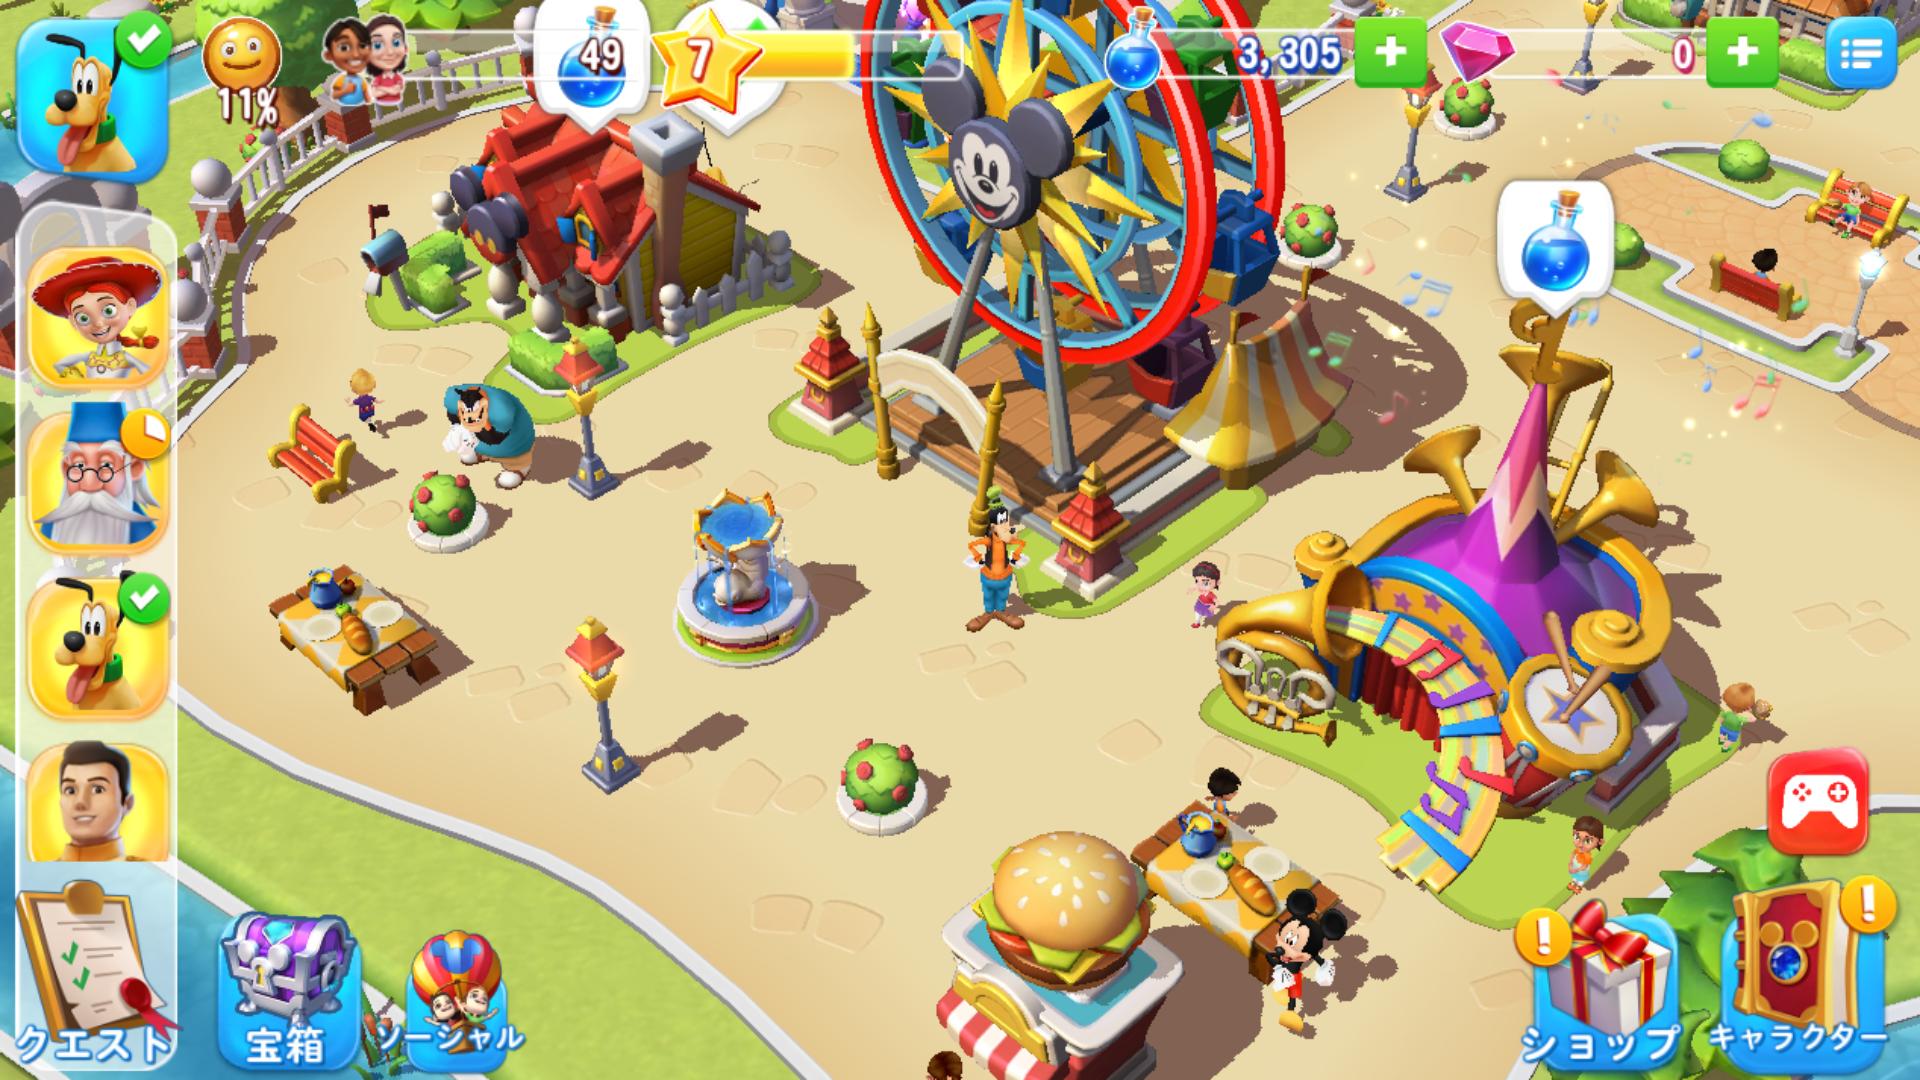 ディズニー マジックキングダムズ(Disney Magic Kingdoms) androidアプリスクリーンショット1